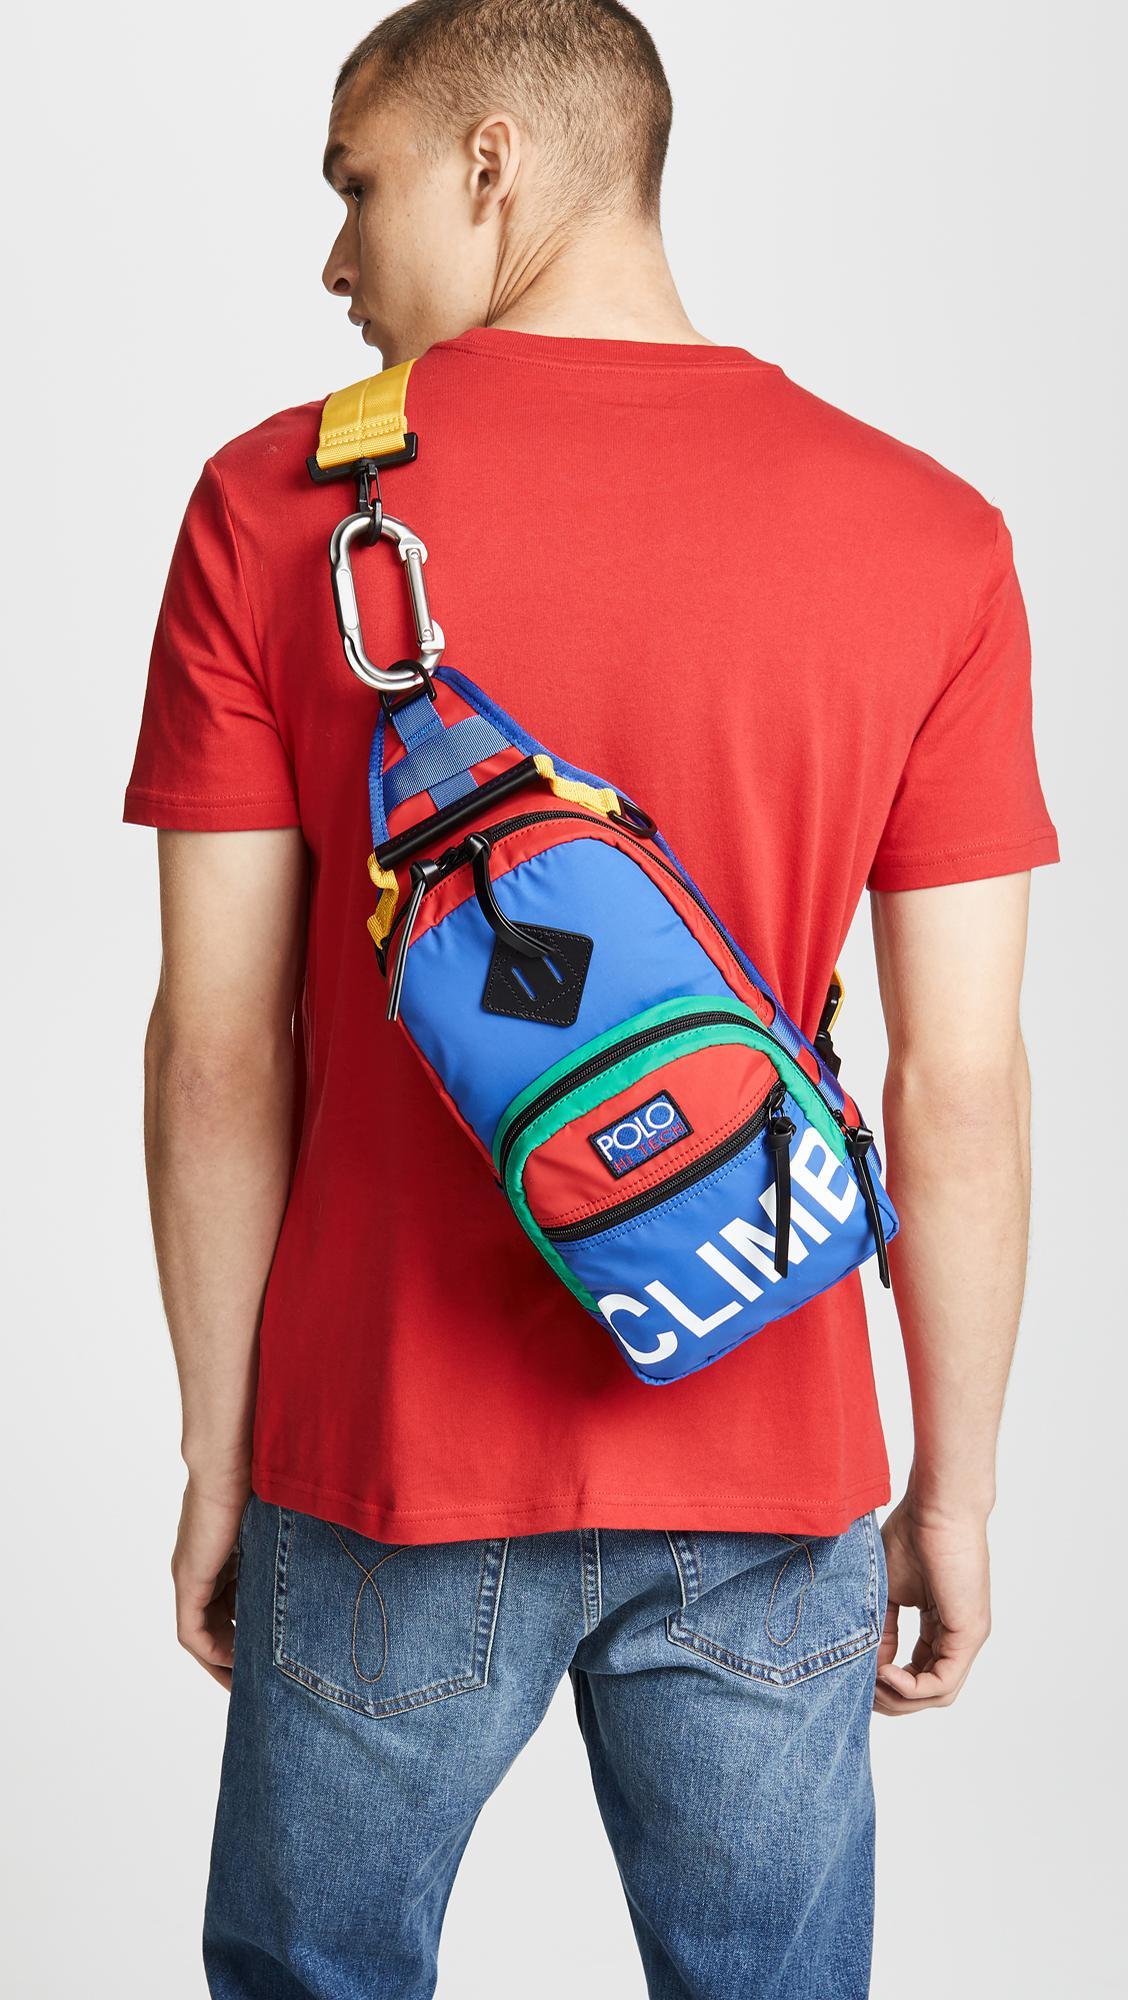 3e36b0fb7a99 Polo Ralph Lauren Hi Tech Sling Bag for Men - Lyst